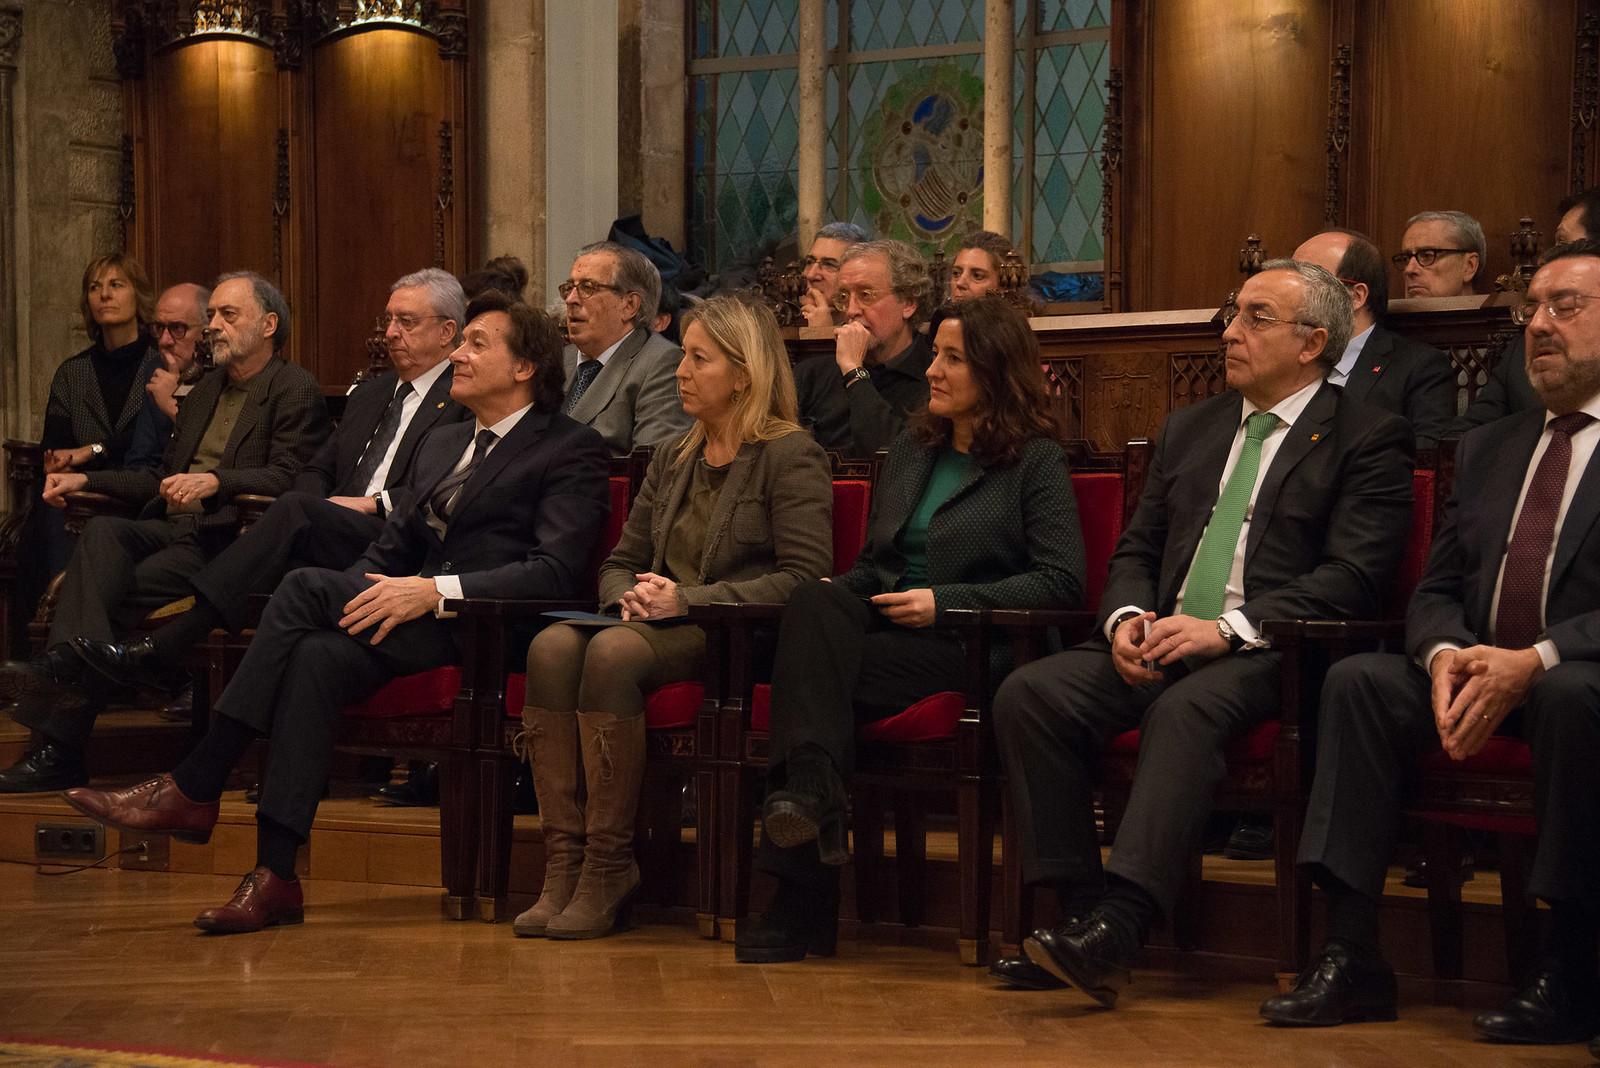 dv., 03/02/2017 - 11:14 - Presentació del 25è aniversari dels Jocs de Barcelona '92